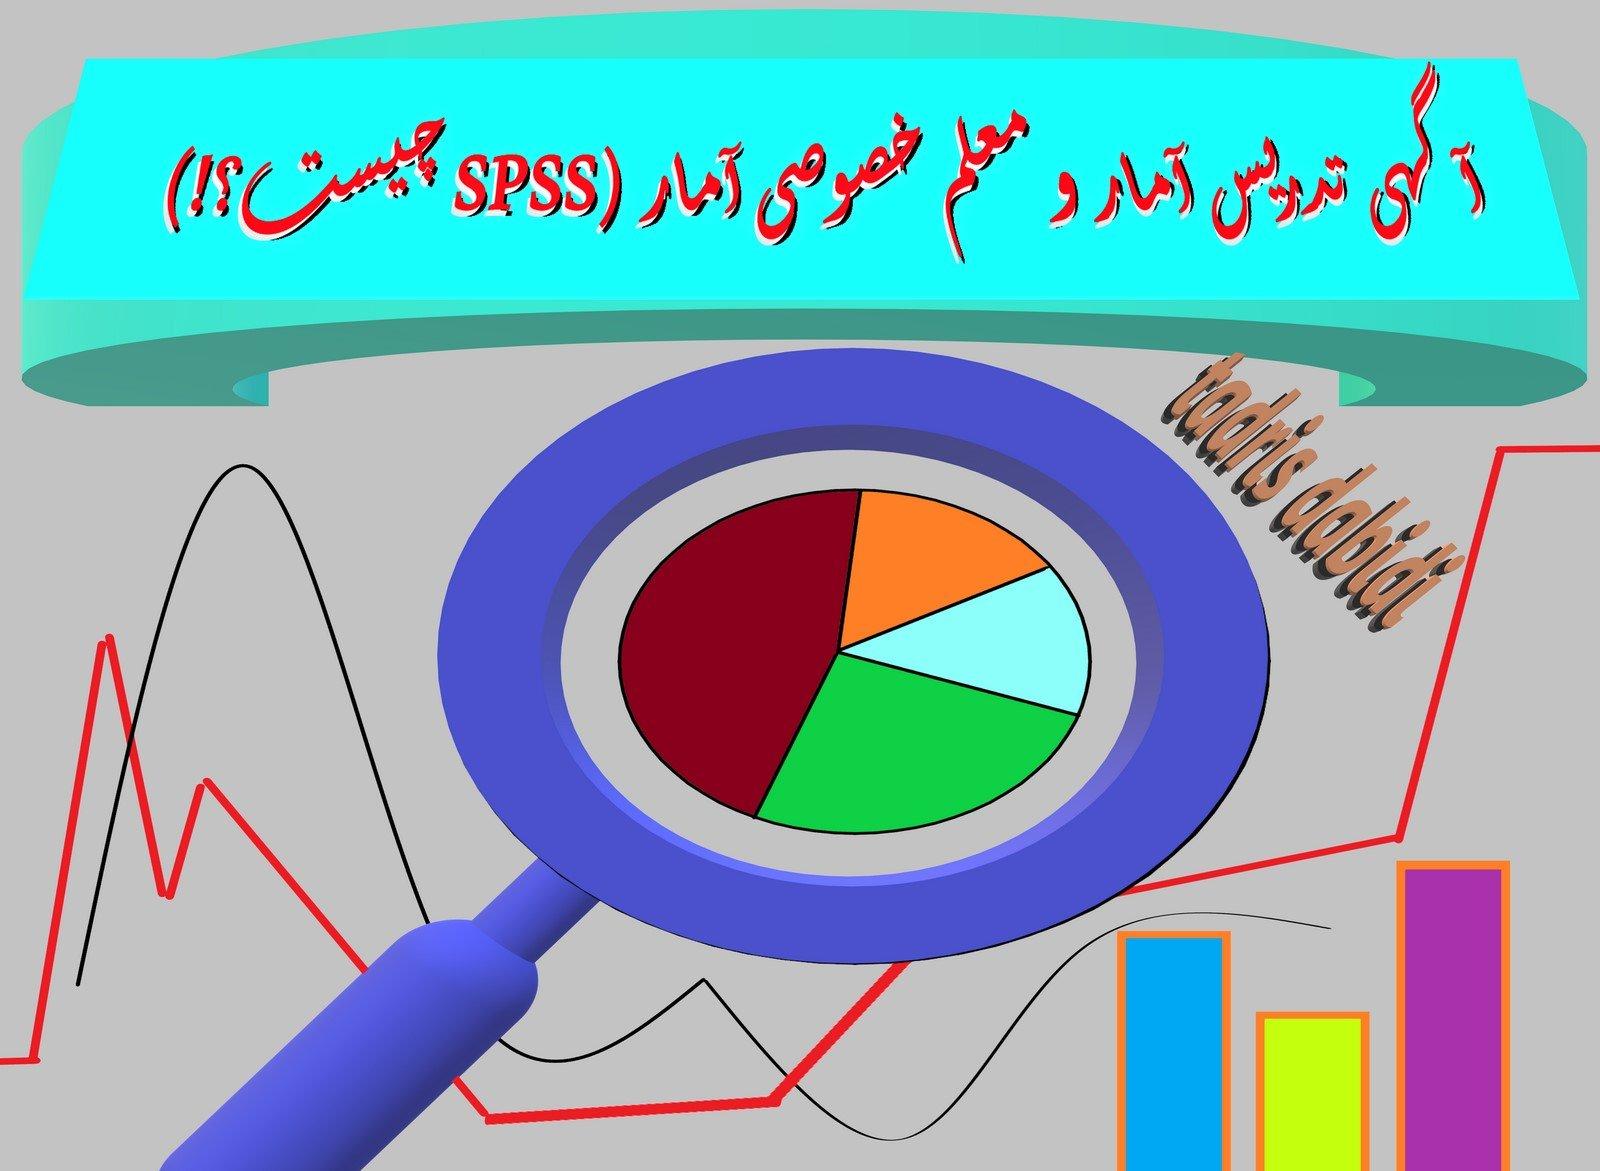 آگهی تدریس آمار و معلم خصوصی آمار (SPSS چیست؟!)